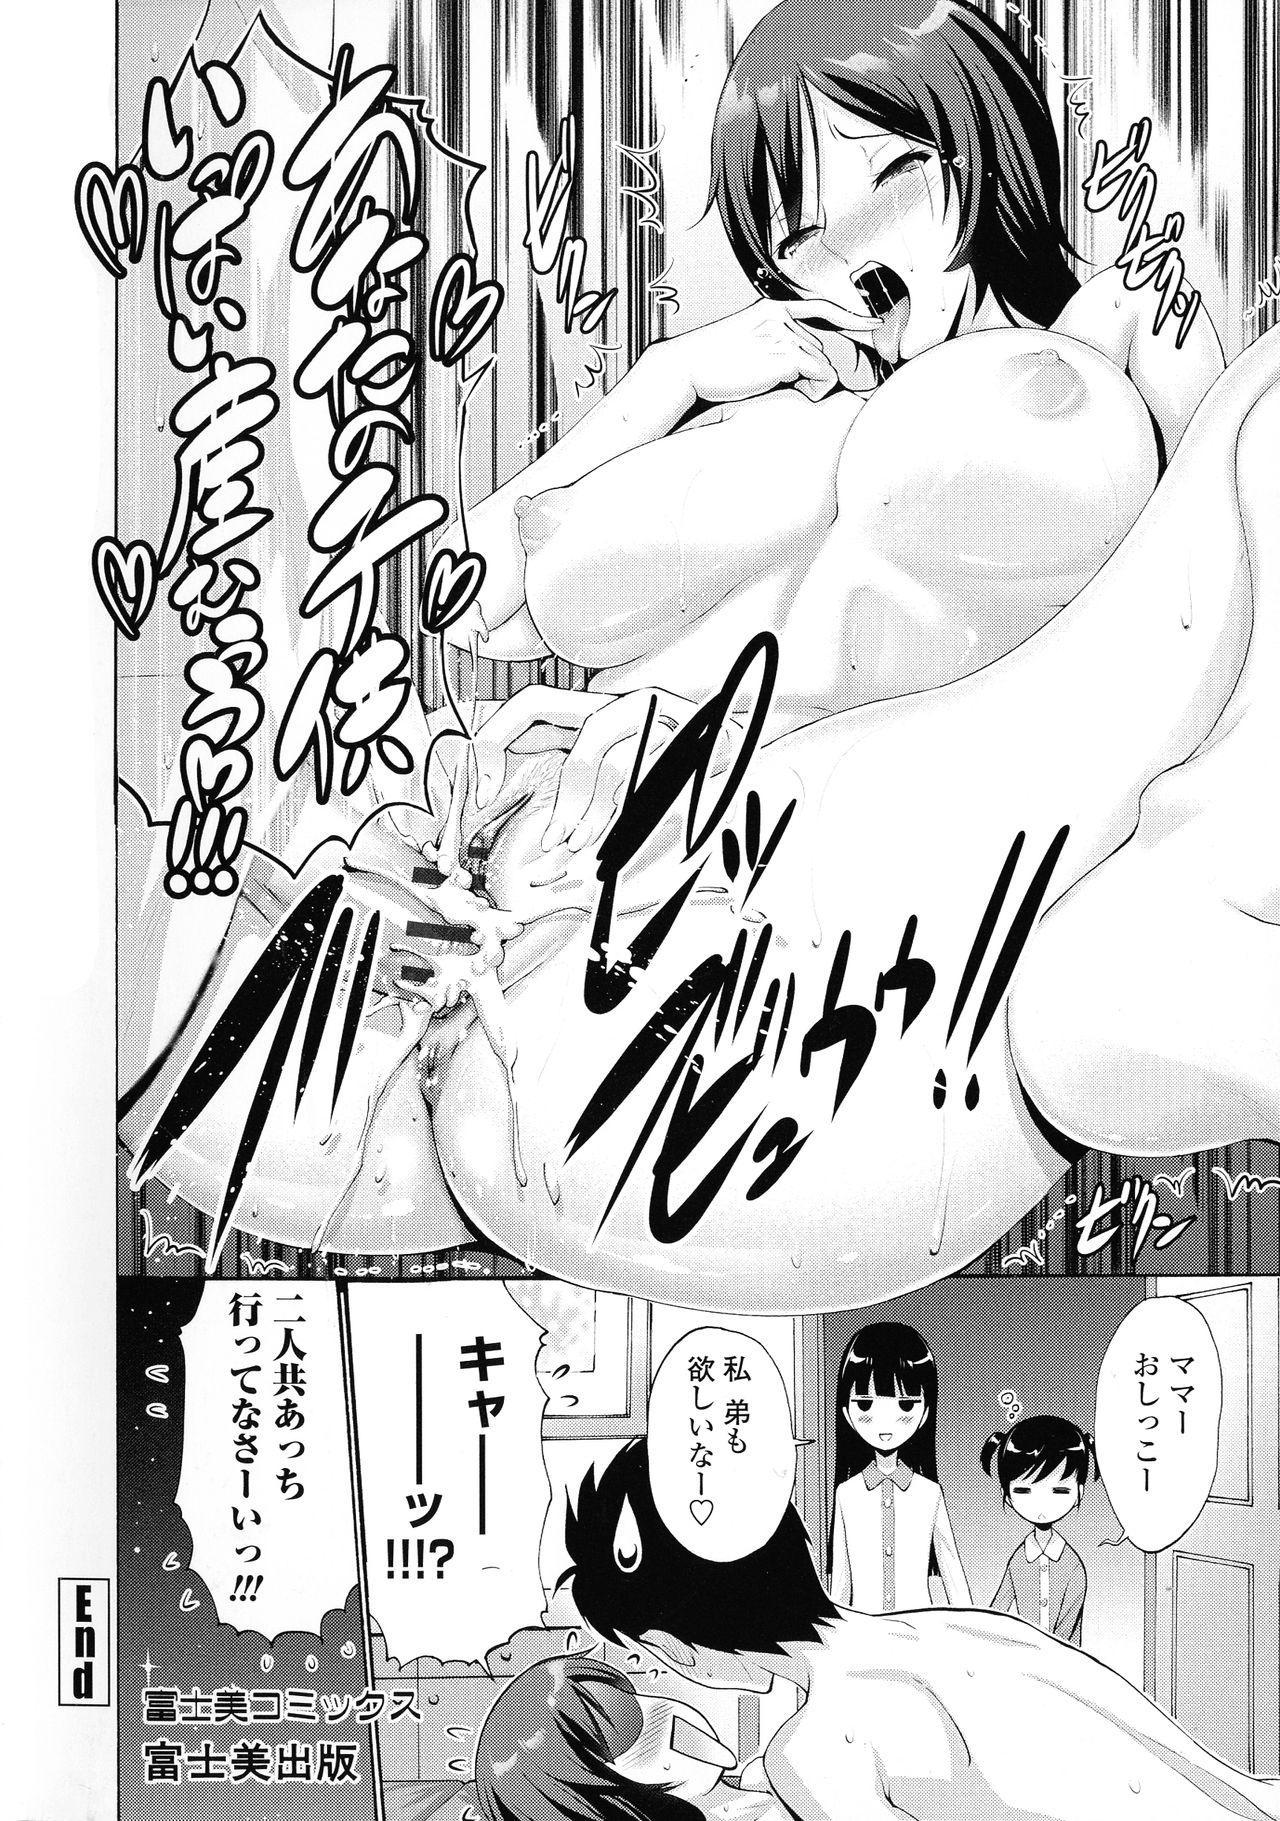 Tomodachi no Haha wa Boku no Mono - His Mother is My Love Hole 4